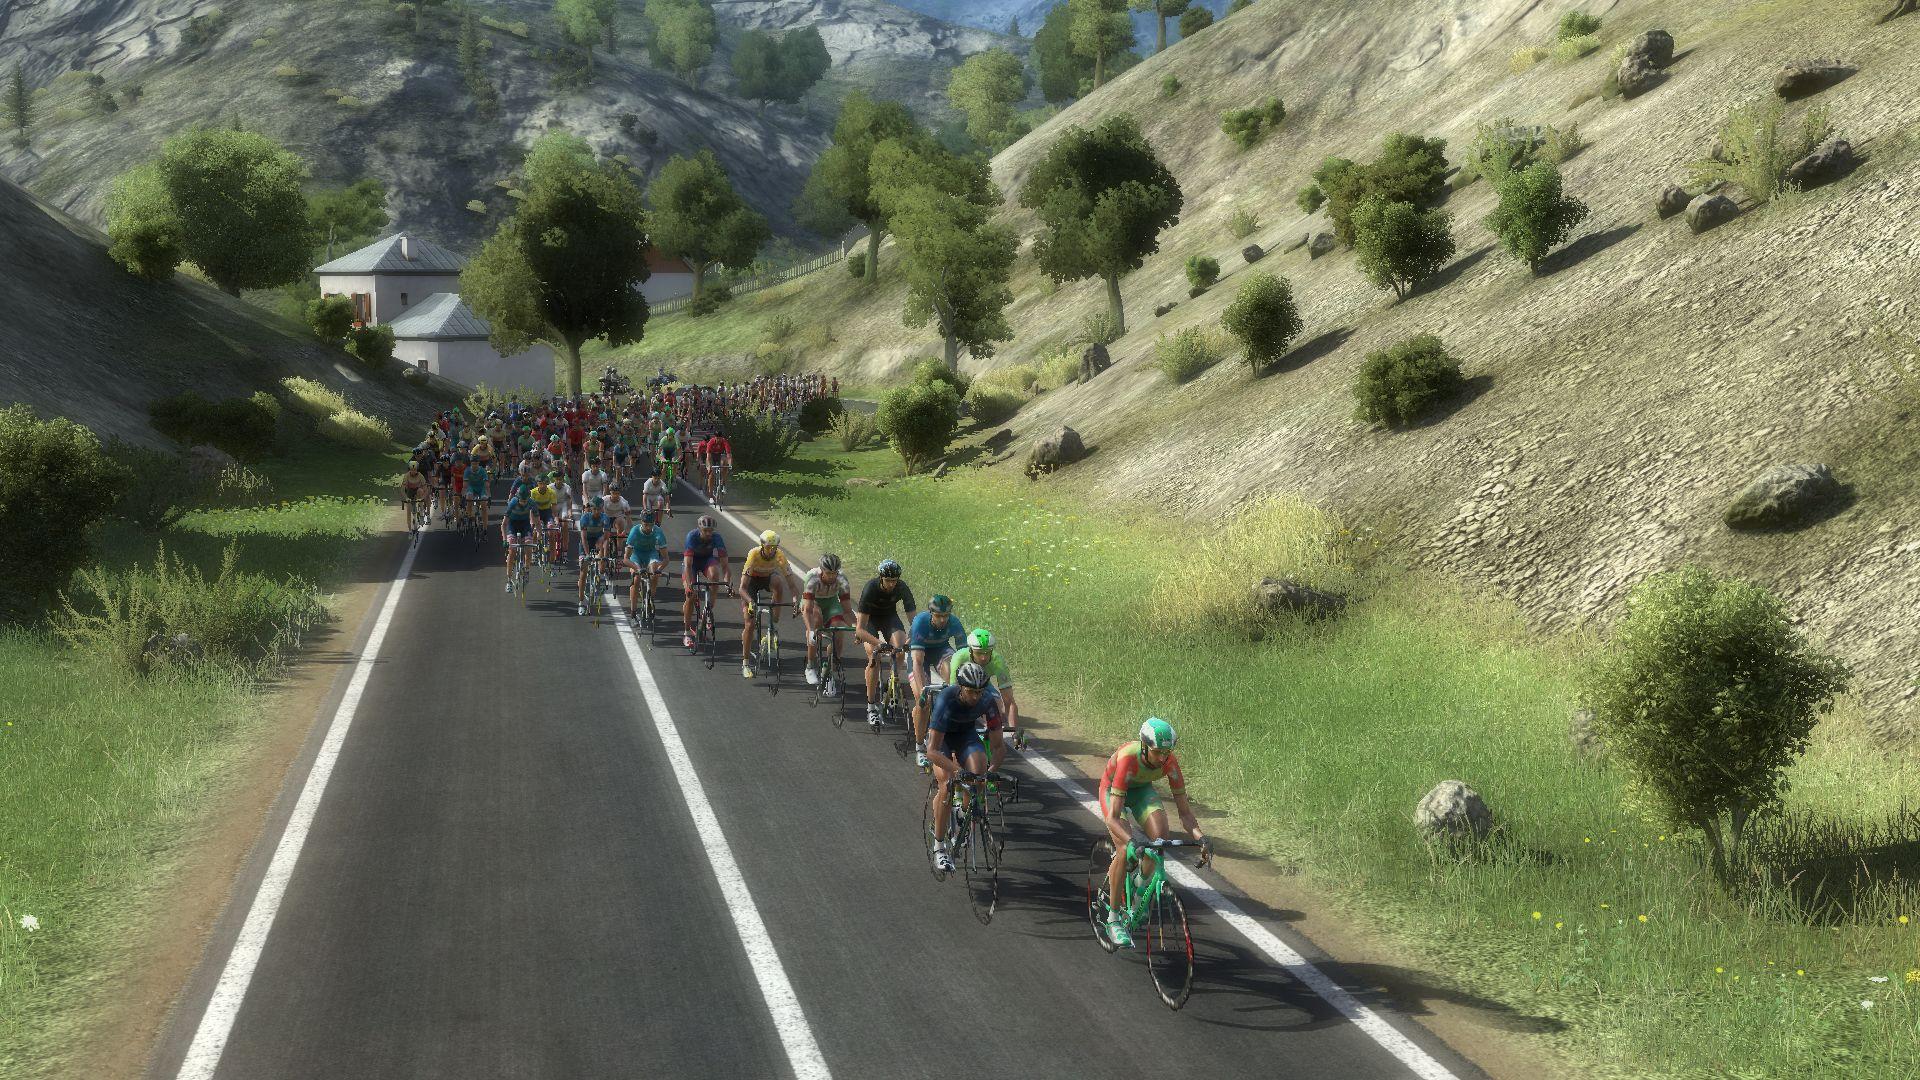 pcmdaily.com/images/mg/2020/Reports/C1/Andorra/TdAS5%203.jpg